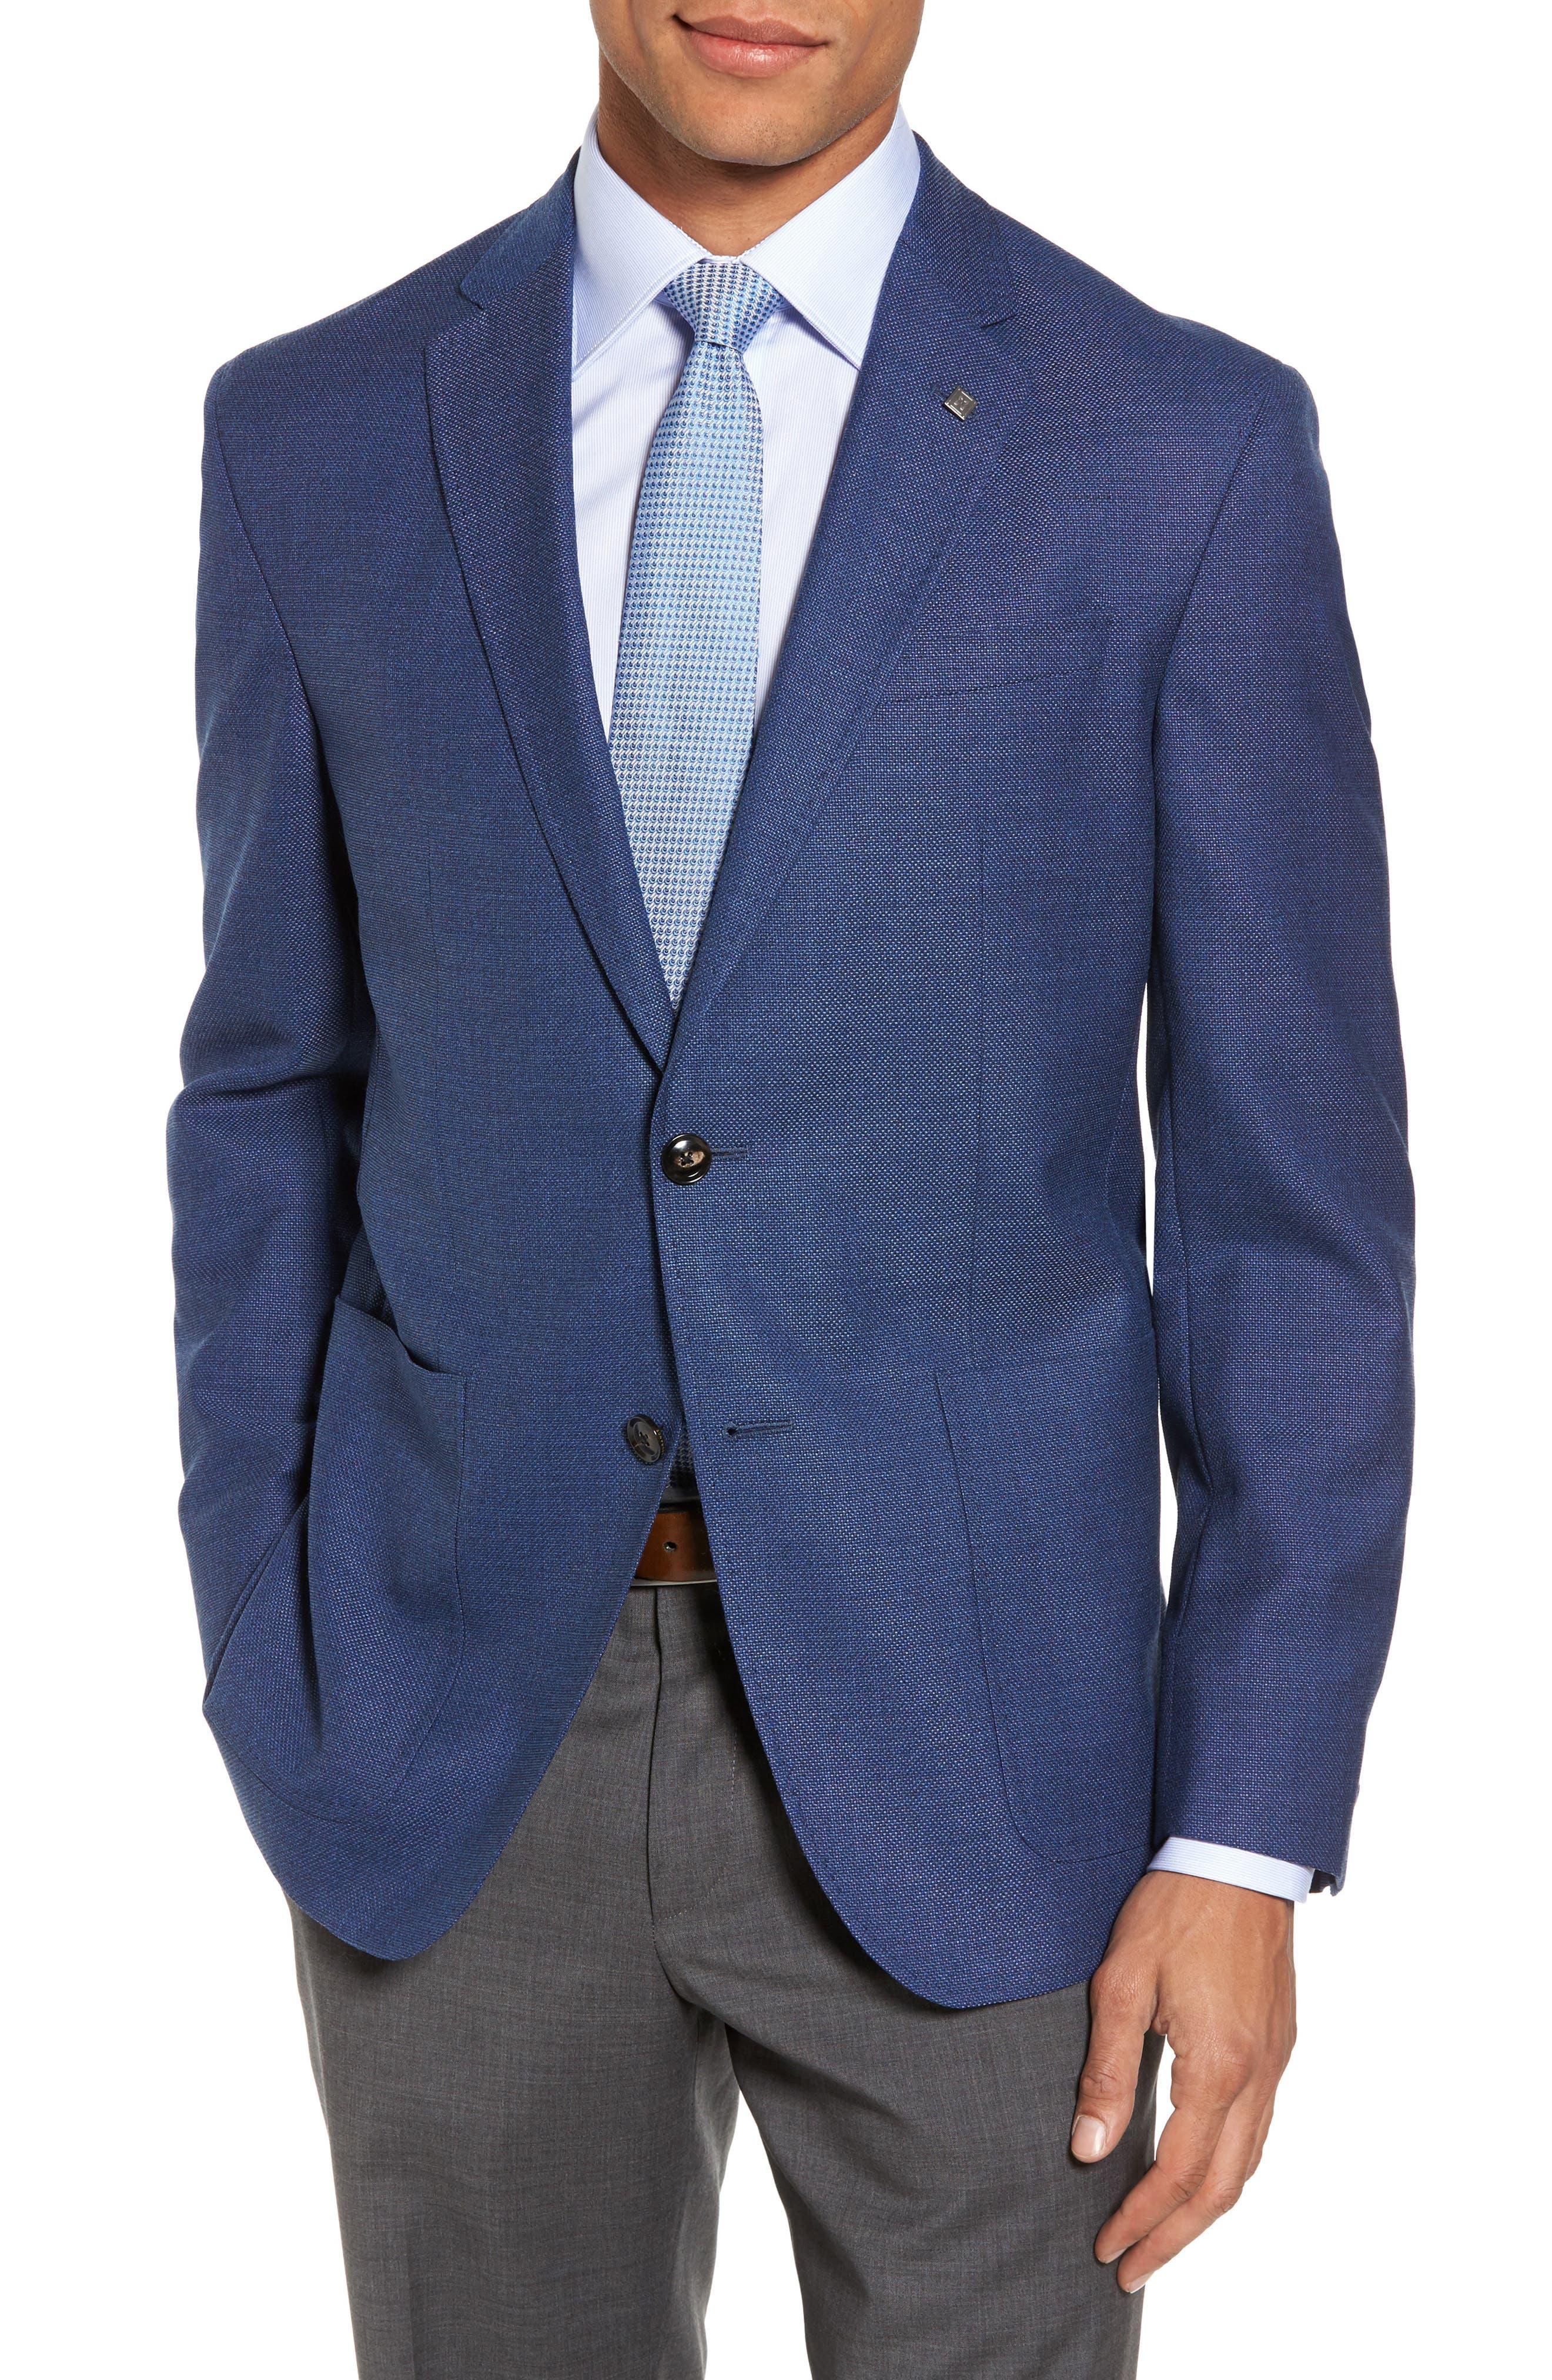 Kyle Trim Fit Wool Blazer,                             Main thumbnail 1, color,                             Mid Blue